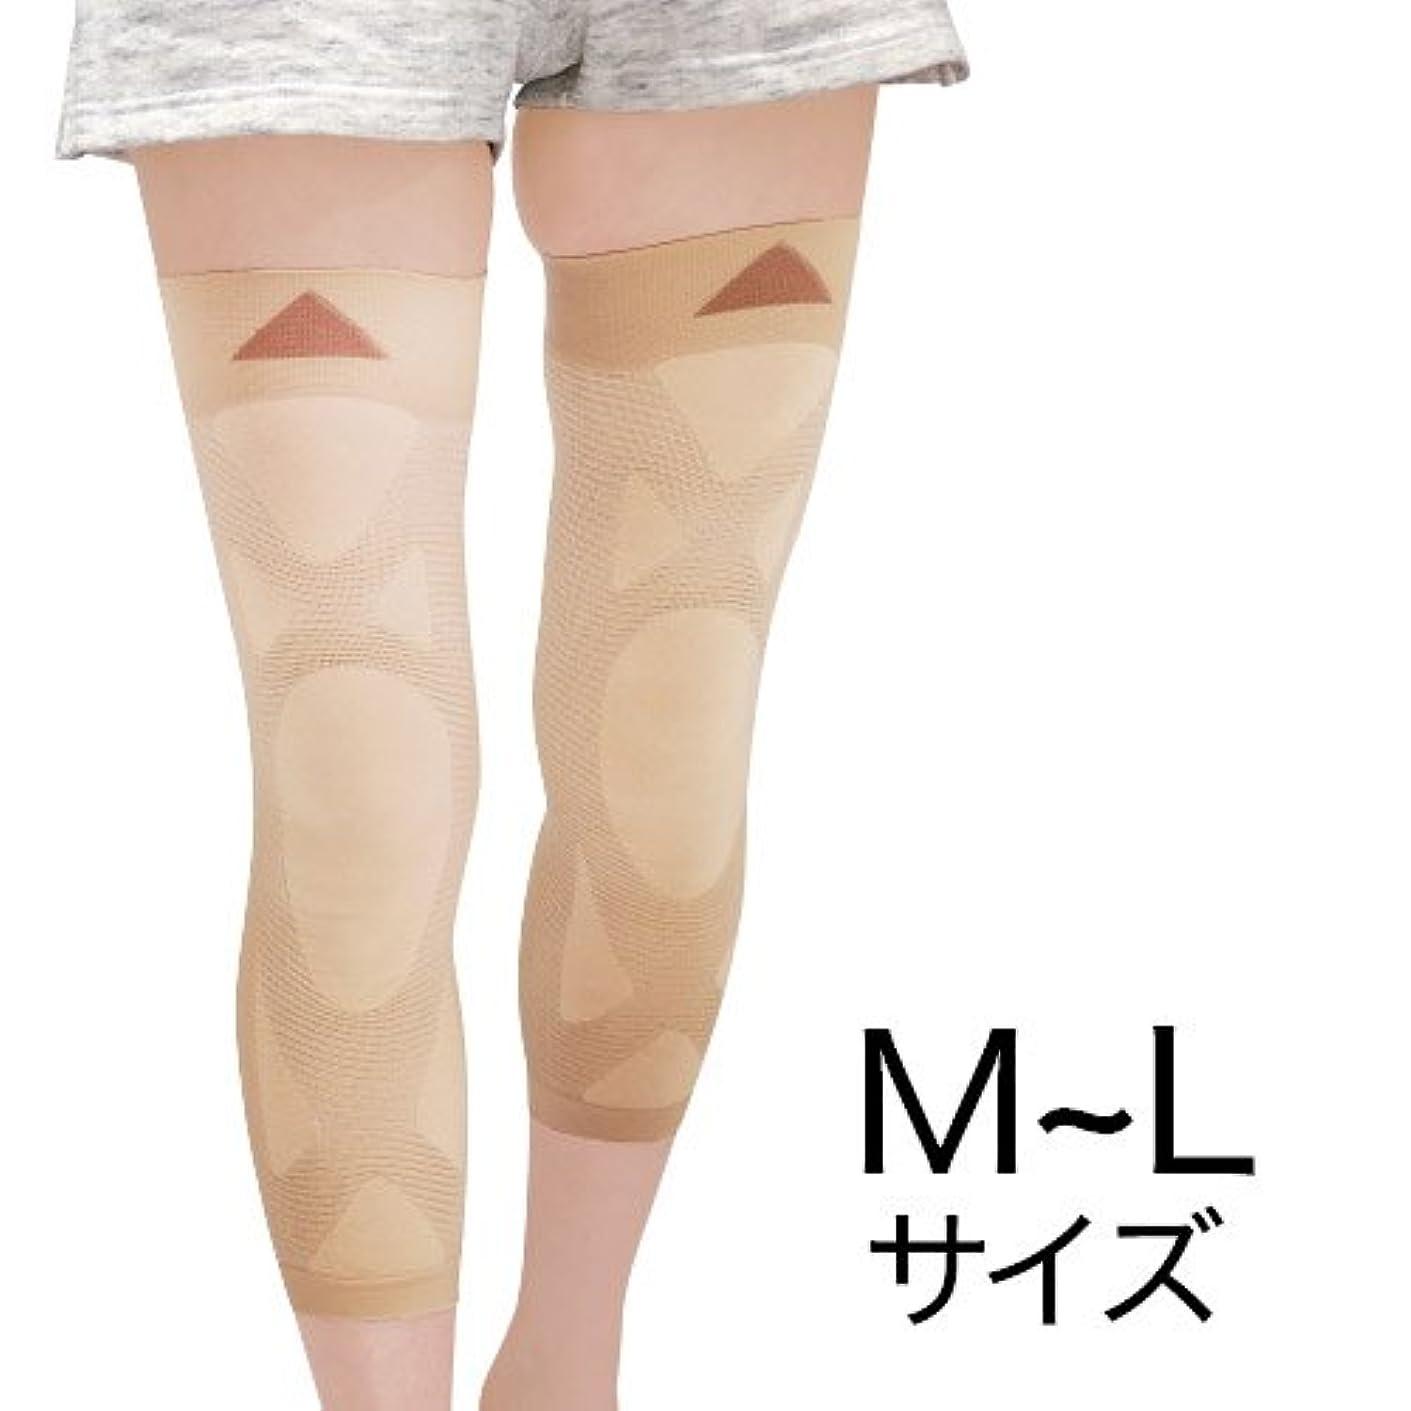 くるみ塩破滅的なナチュラルガーデン 膝楽サポーター M~L(左右共通2枚組)